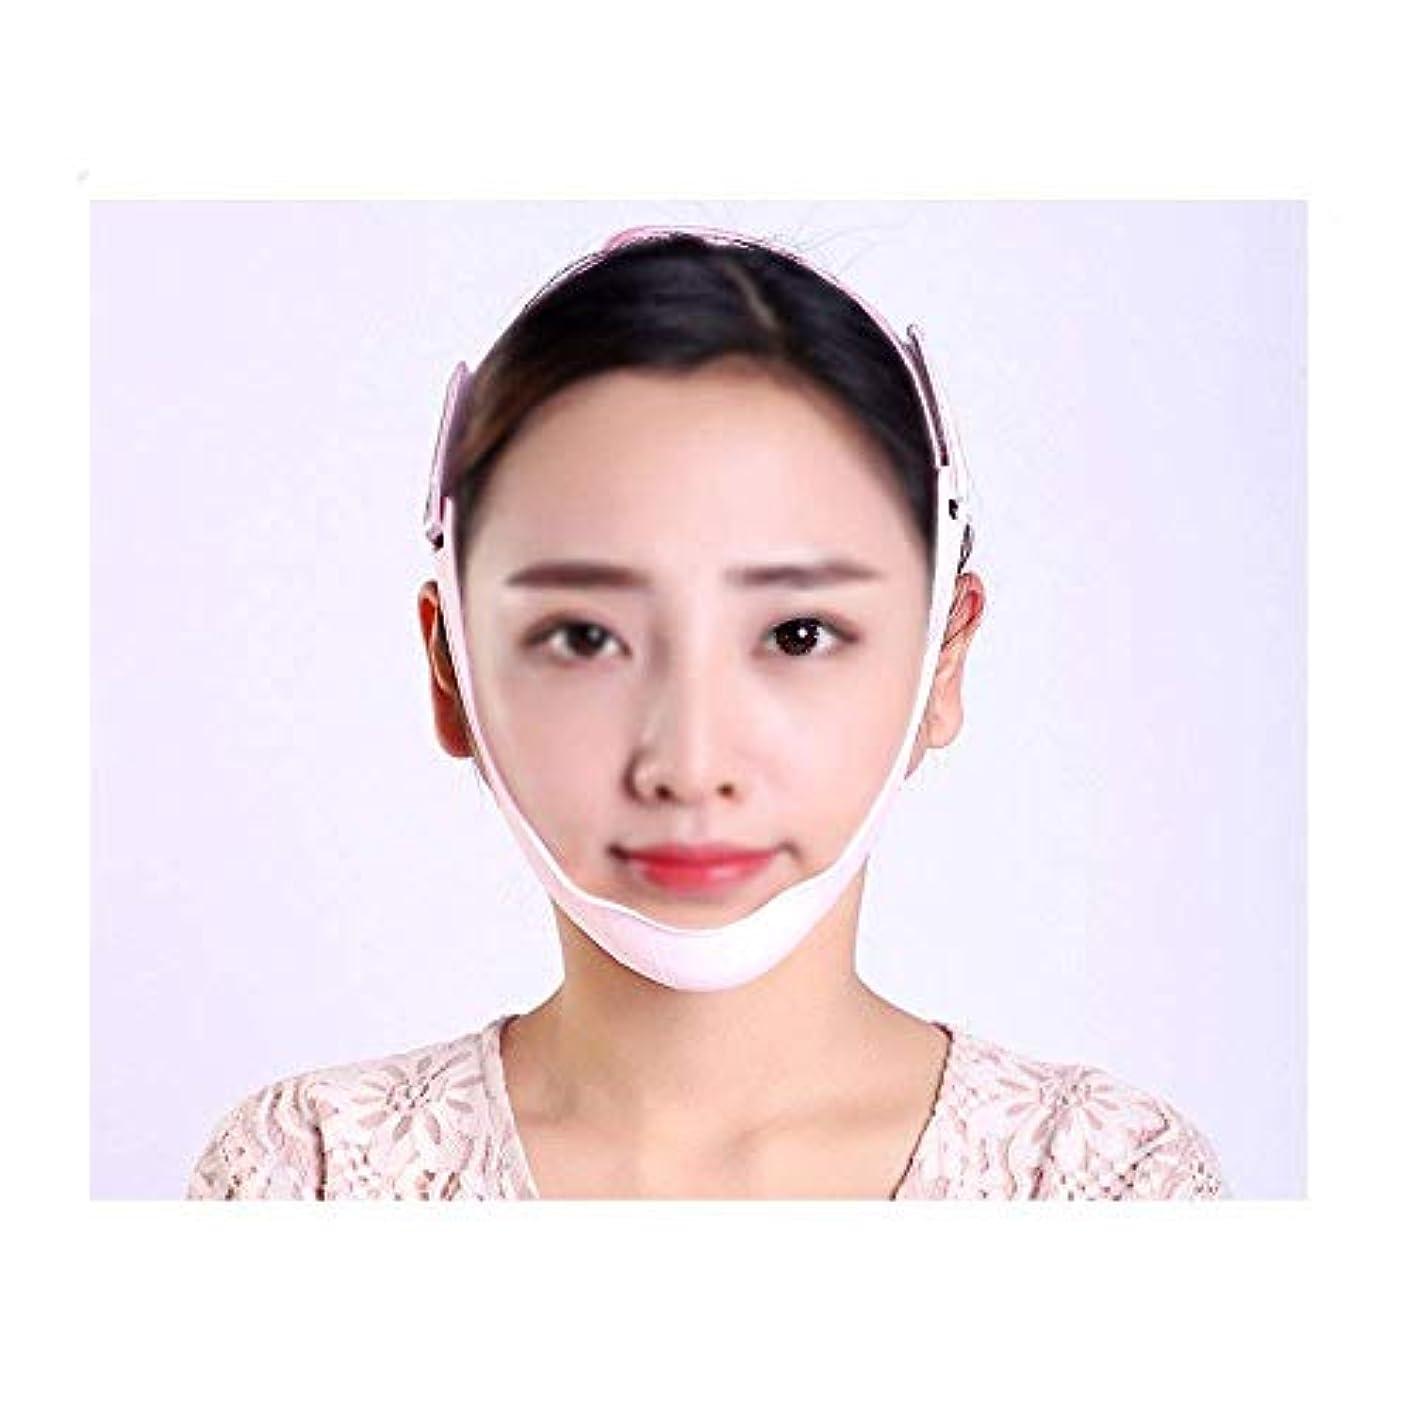 独立したシプリー超越するフェイシャルリフティングマスク、リフティングフェイシャルファーミングアーティファクト/マッサージ器薄い顔の包帯/通気性ダブルチンスリミングマスク